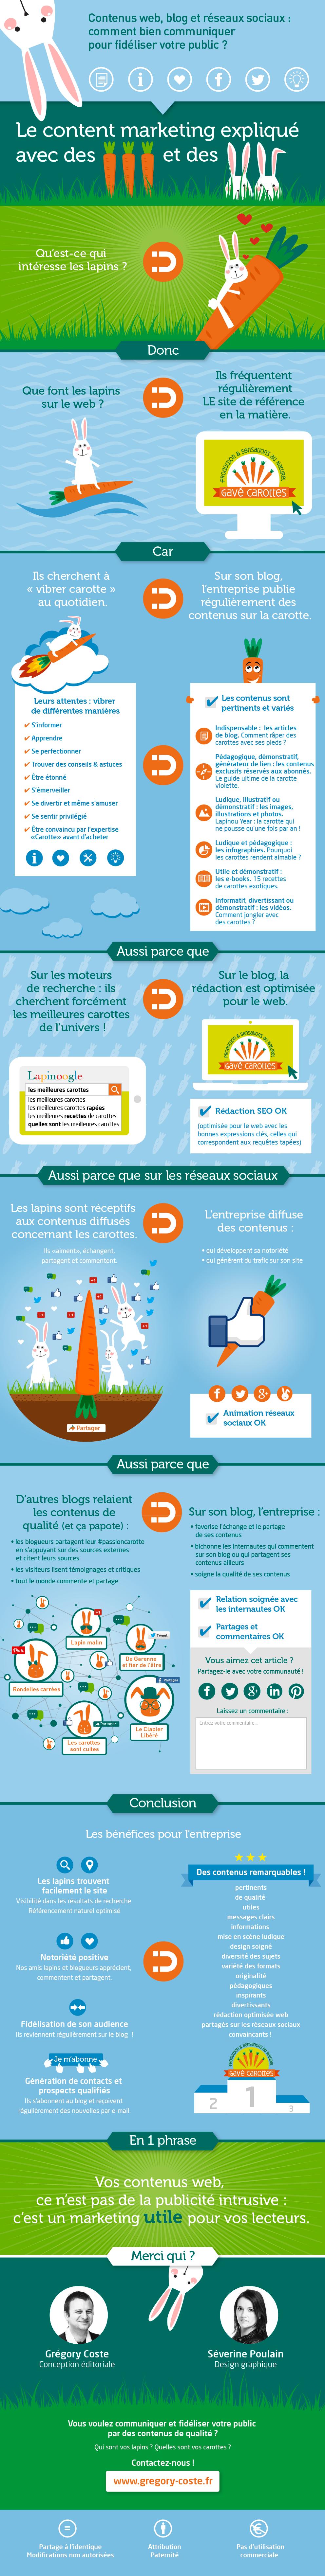 Cette infographie vous explique le content marketing avec des lapins et des carottes